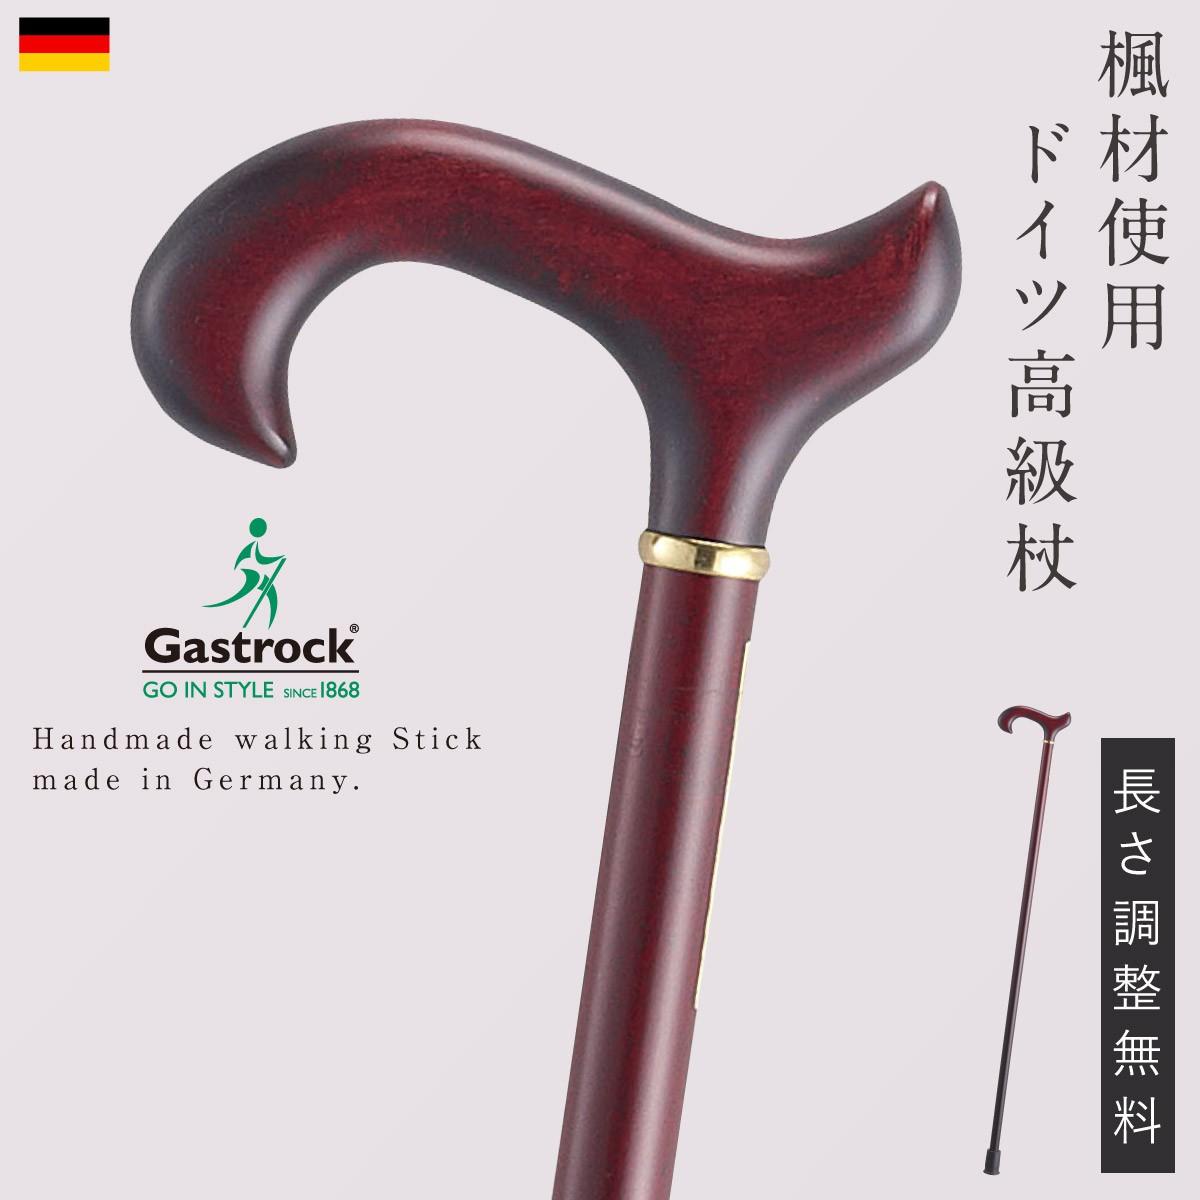 一本杖 木製杖 ステッキ ドイツ製 1本杖 ガストロック社 GA-21 ギフト プレゼント 贈り物